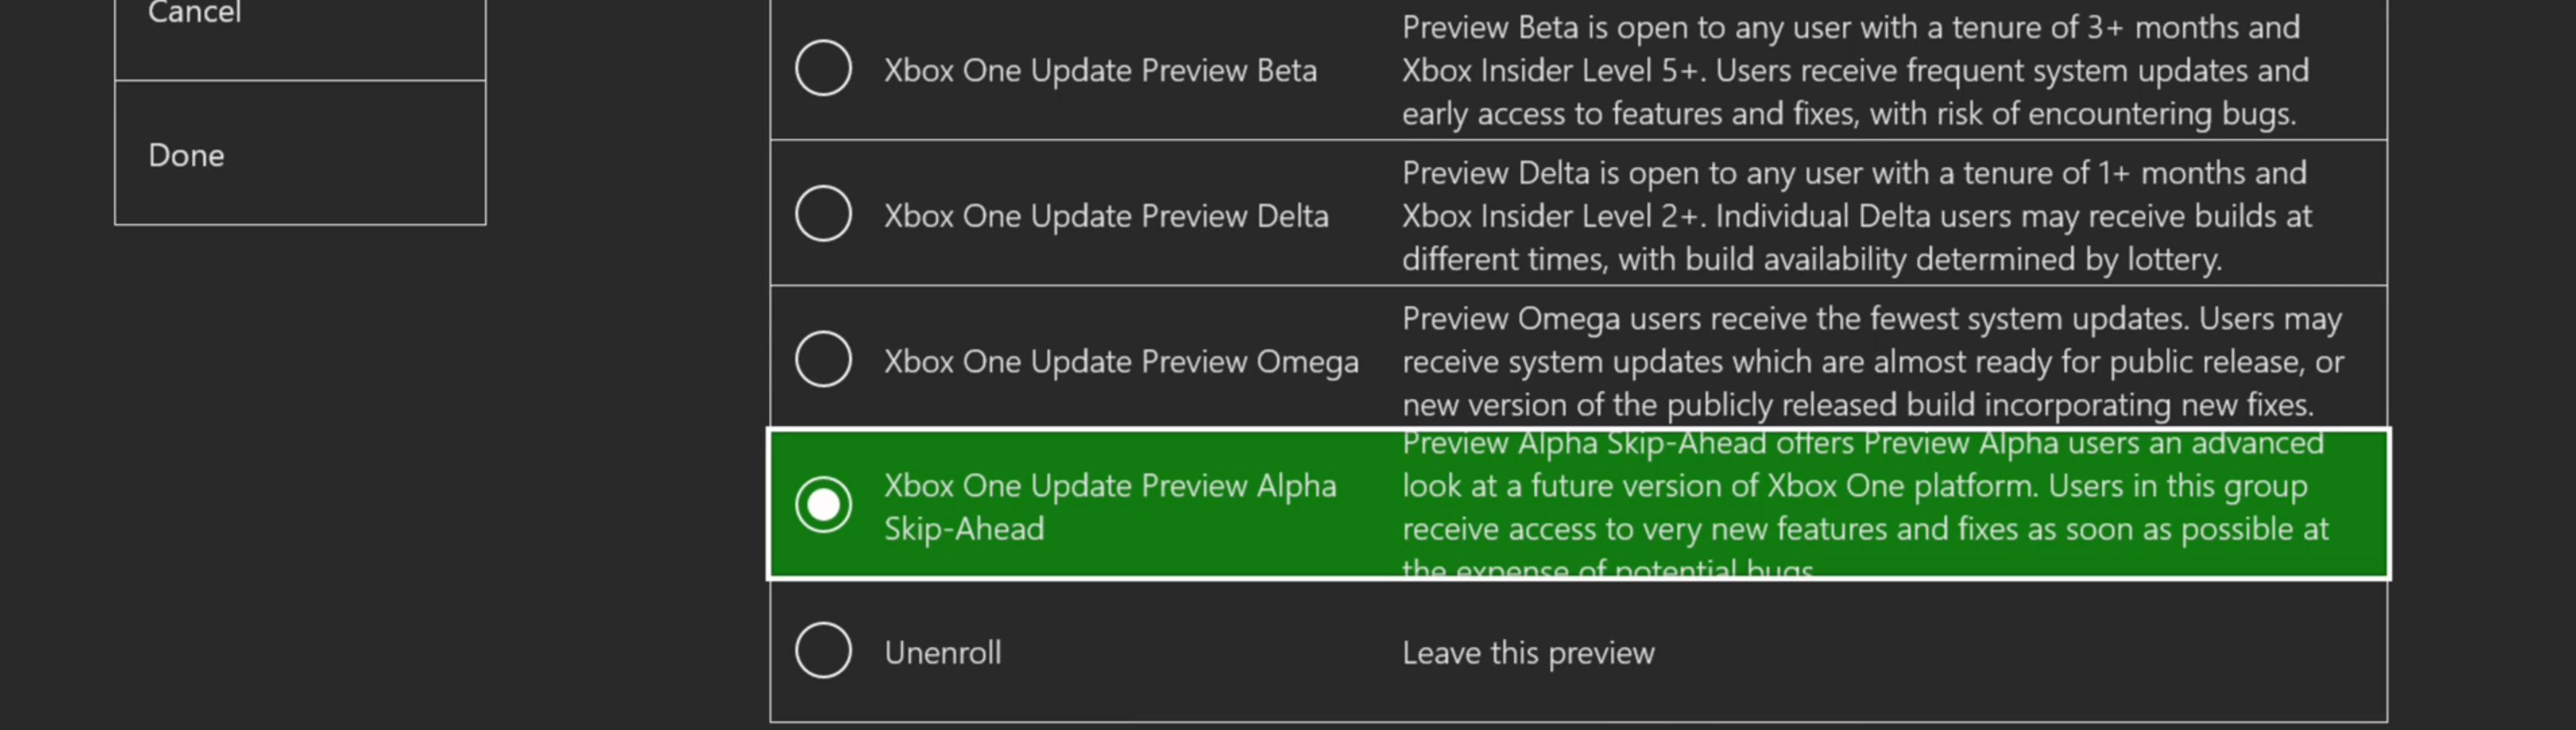 Xbox One Insider opzioni